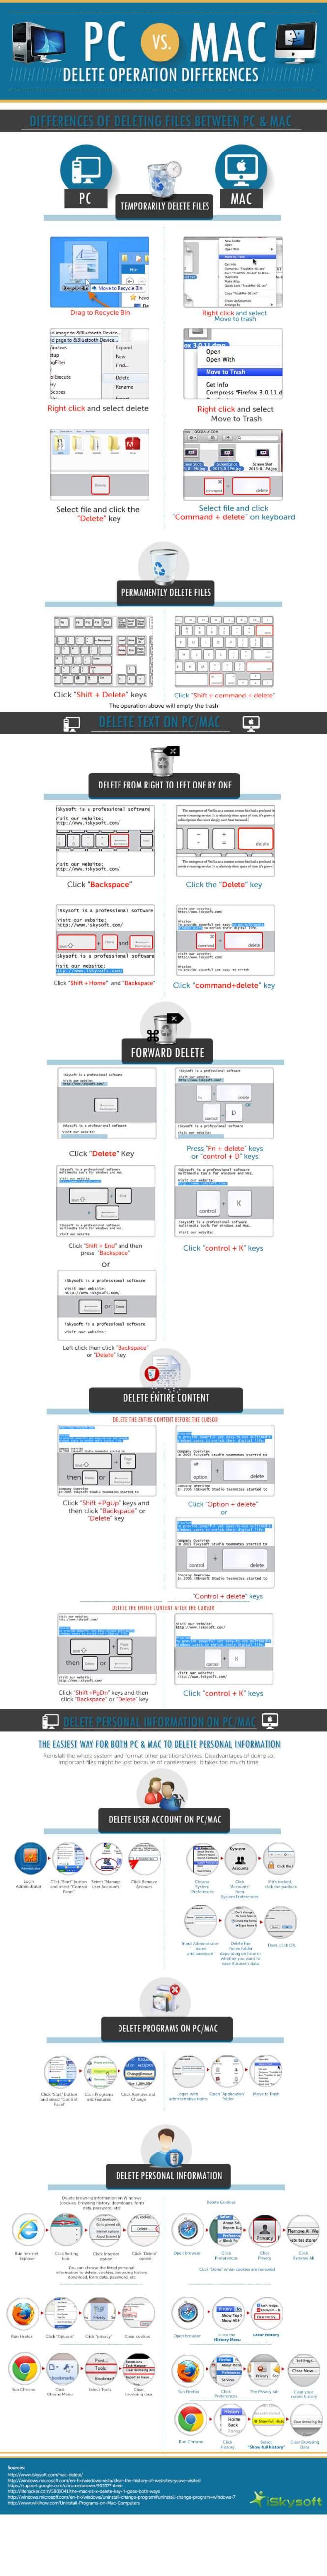 PC vs Mac Delete Operation Differences